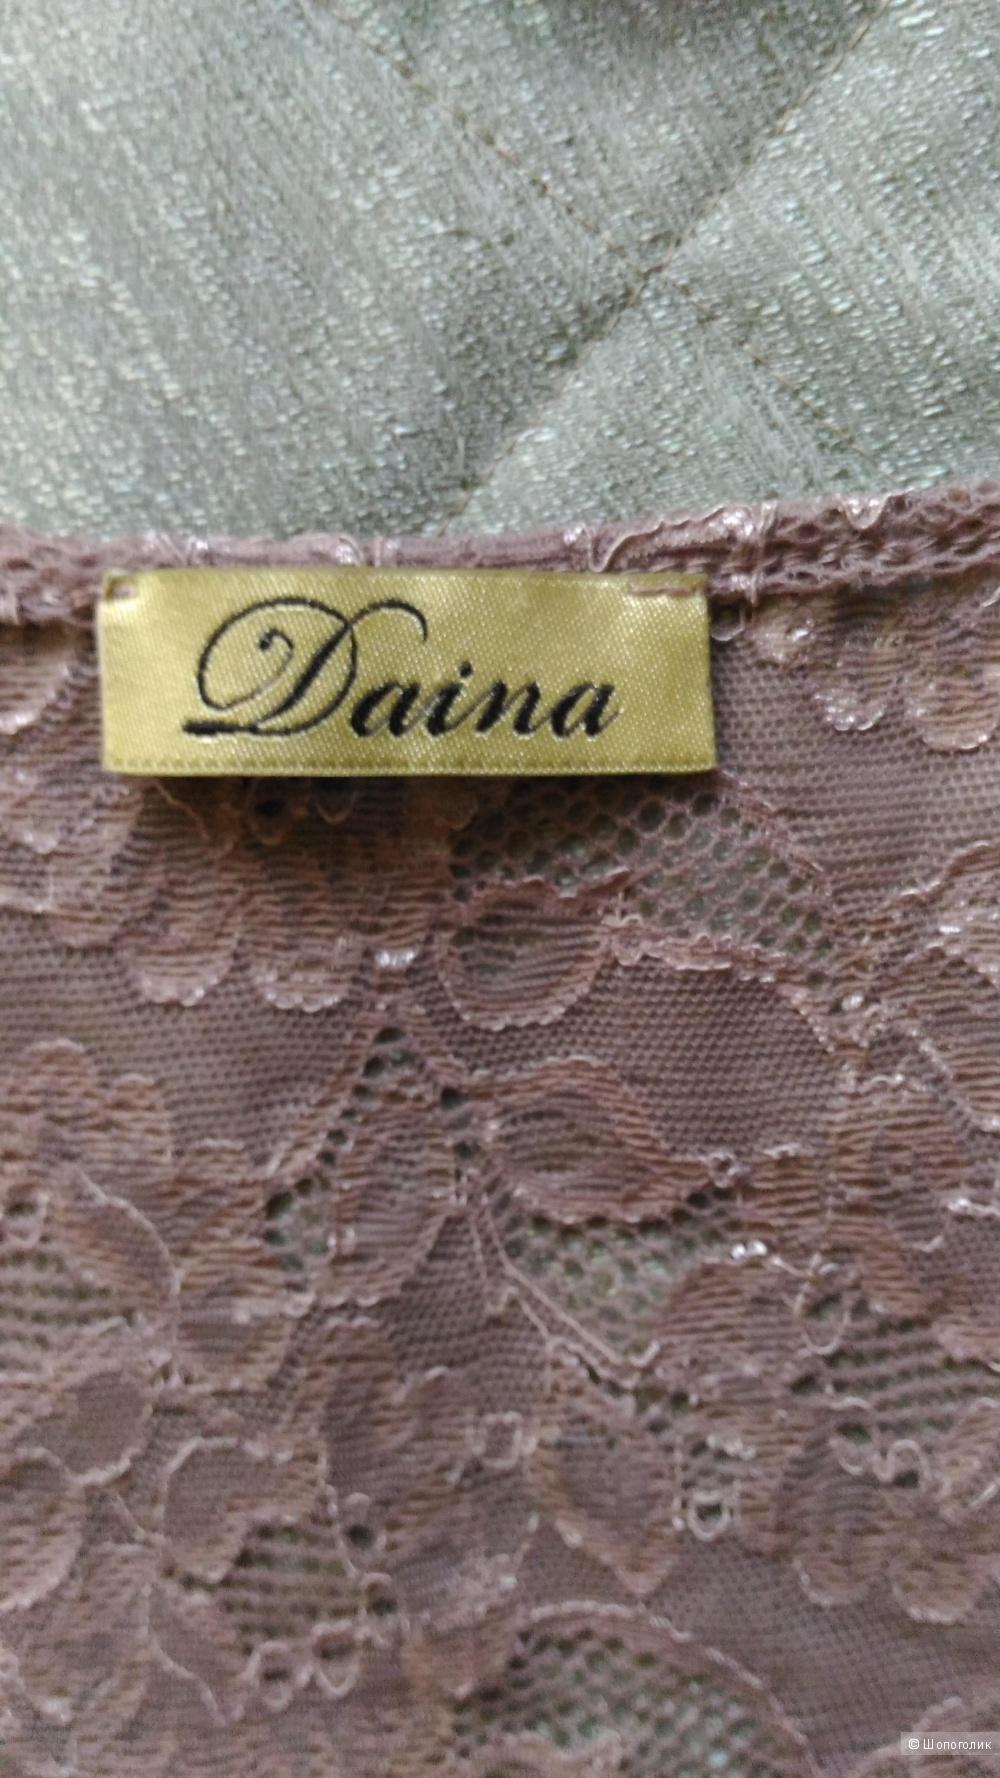 Блузка фирмы Daina, размер XS